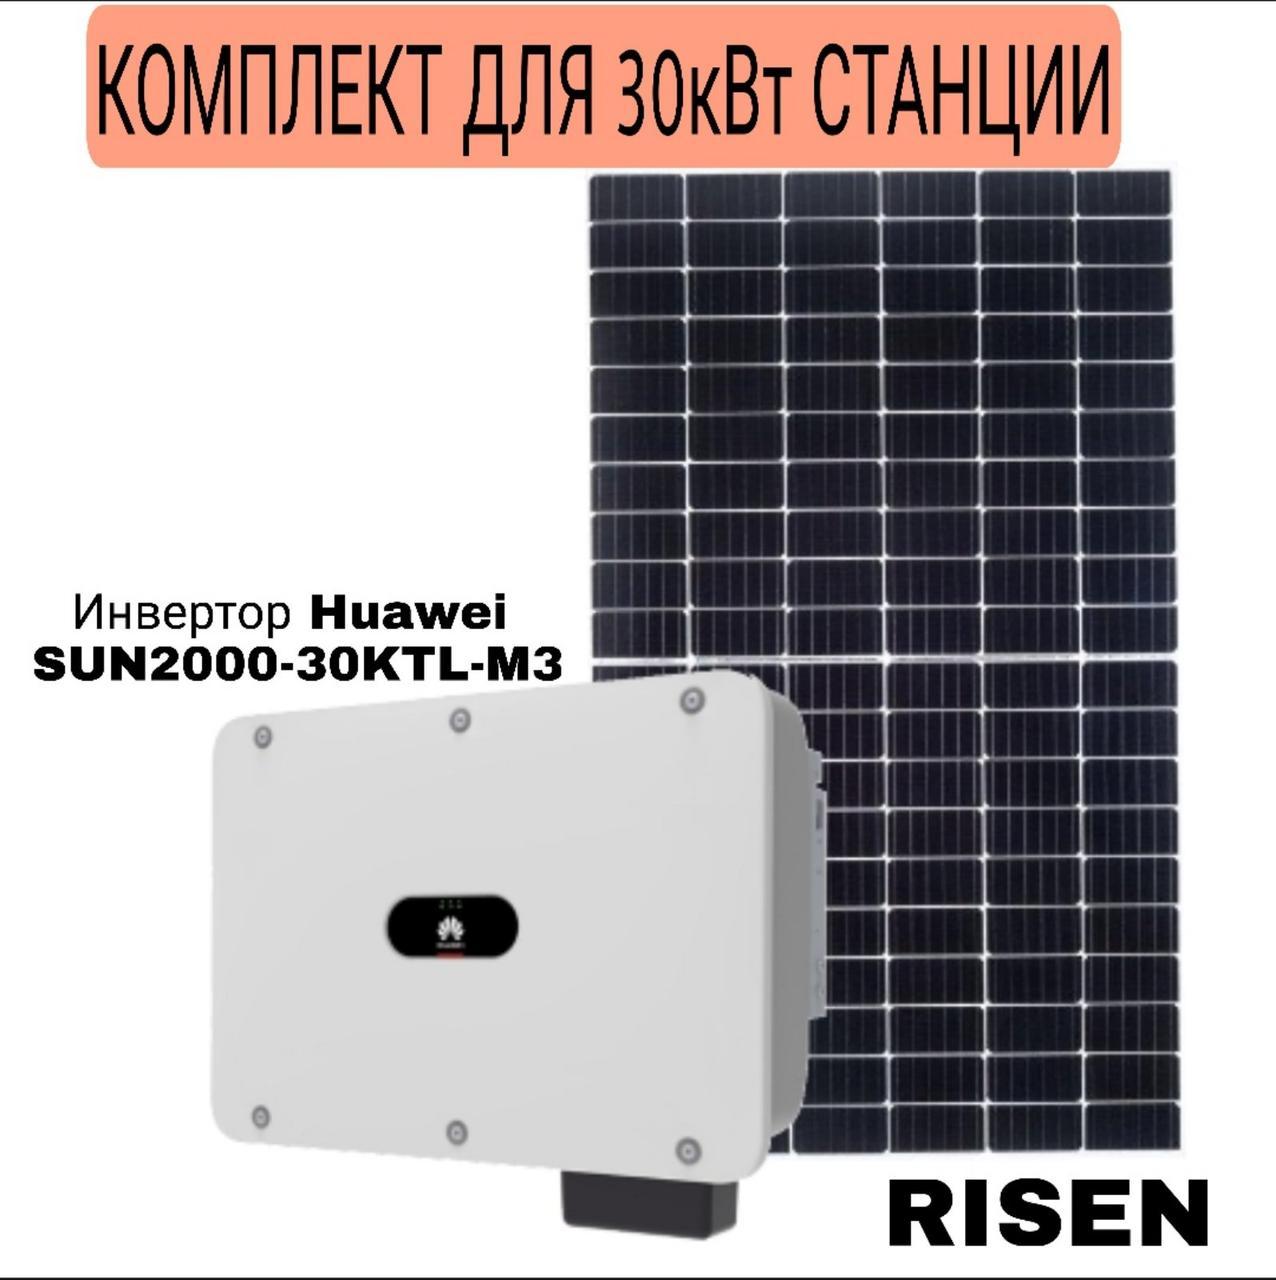 Комплект для мережевої сонячної електростанції 30 кВт (фотомодуль, інвертор,сонячна панель зелений тариф)